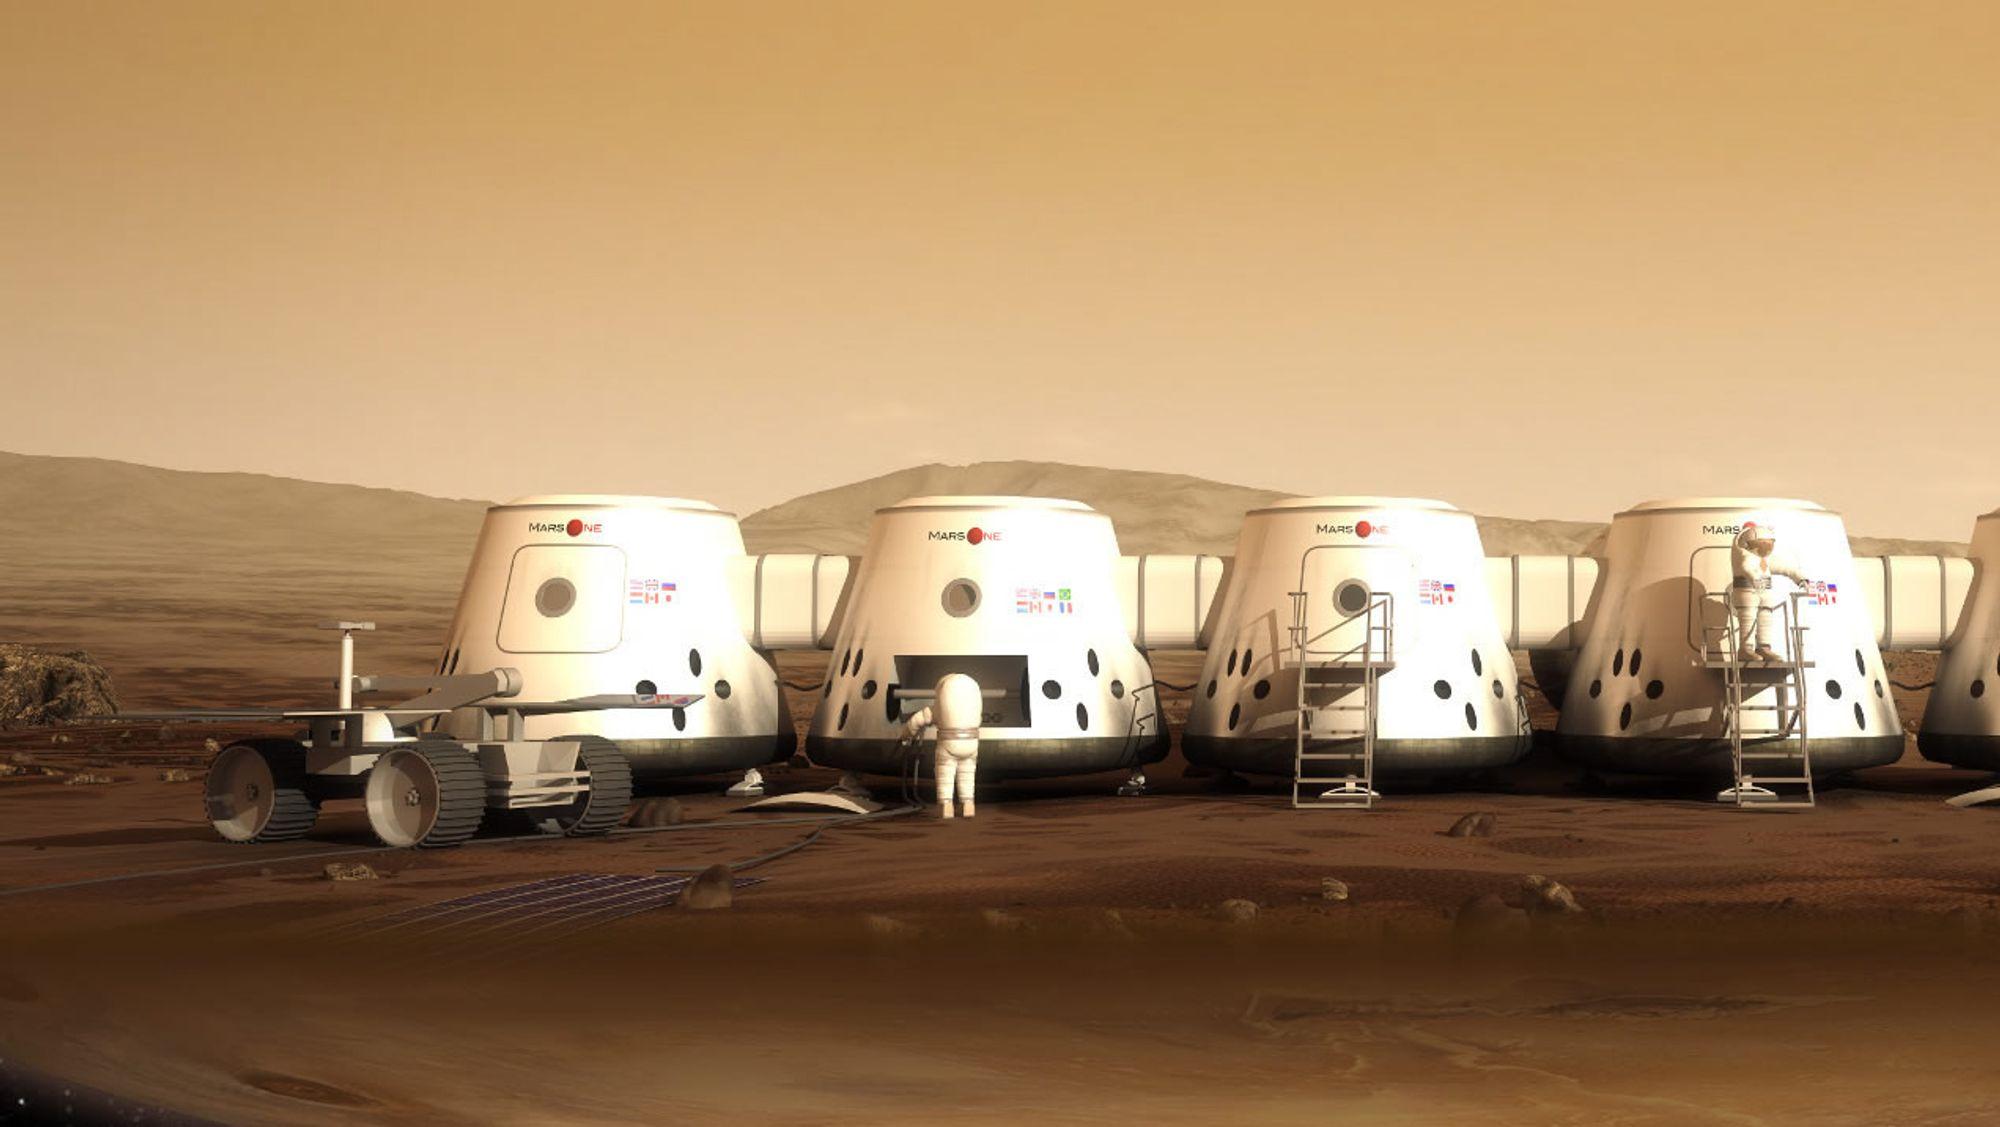 Blir det ingen reise til Mars likevel? - Teknofil.no